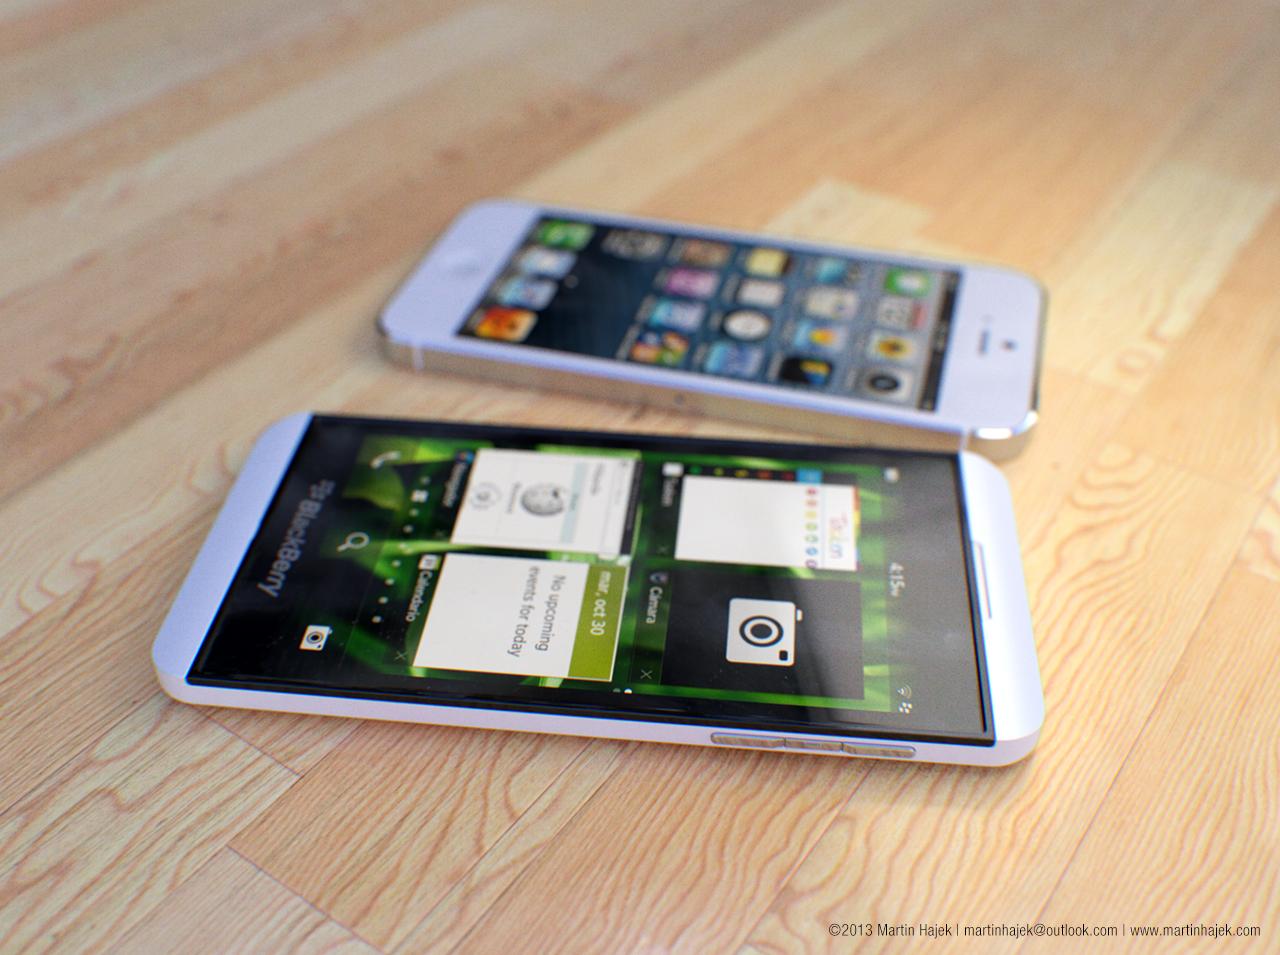 Berita Terbaru Tentang Artis Blackberry 10 Vs New Iphone 5